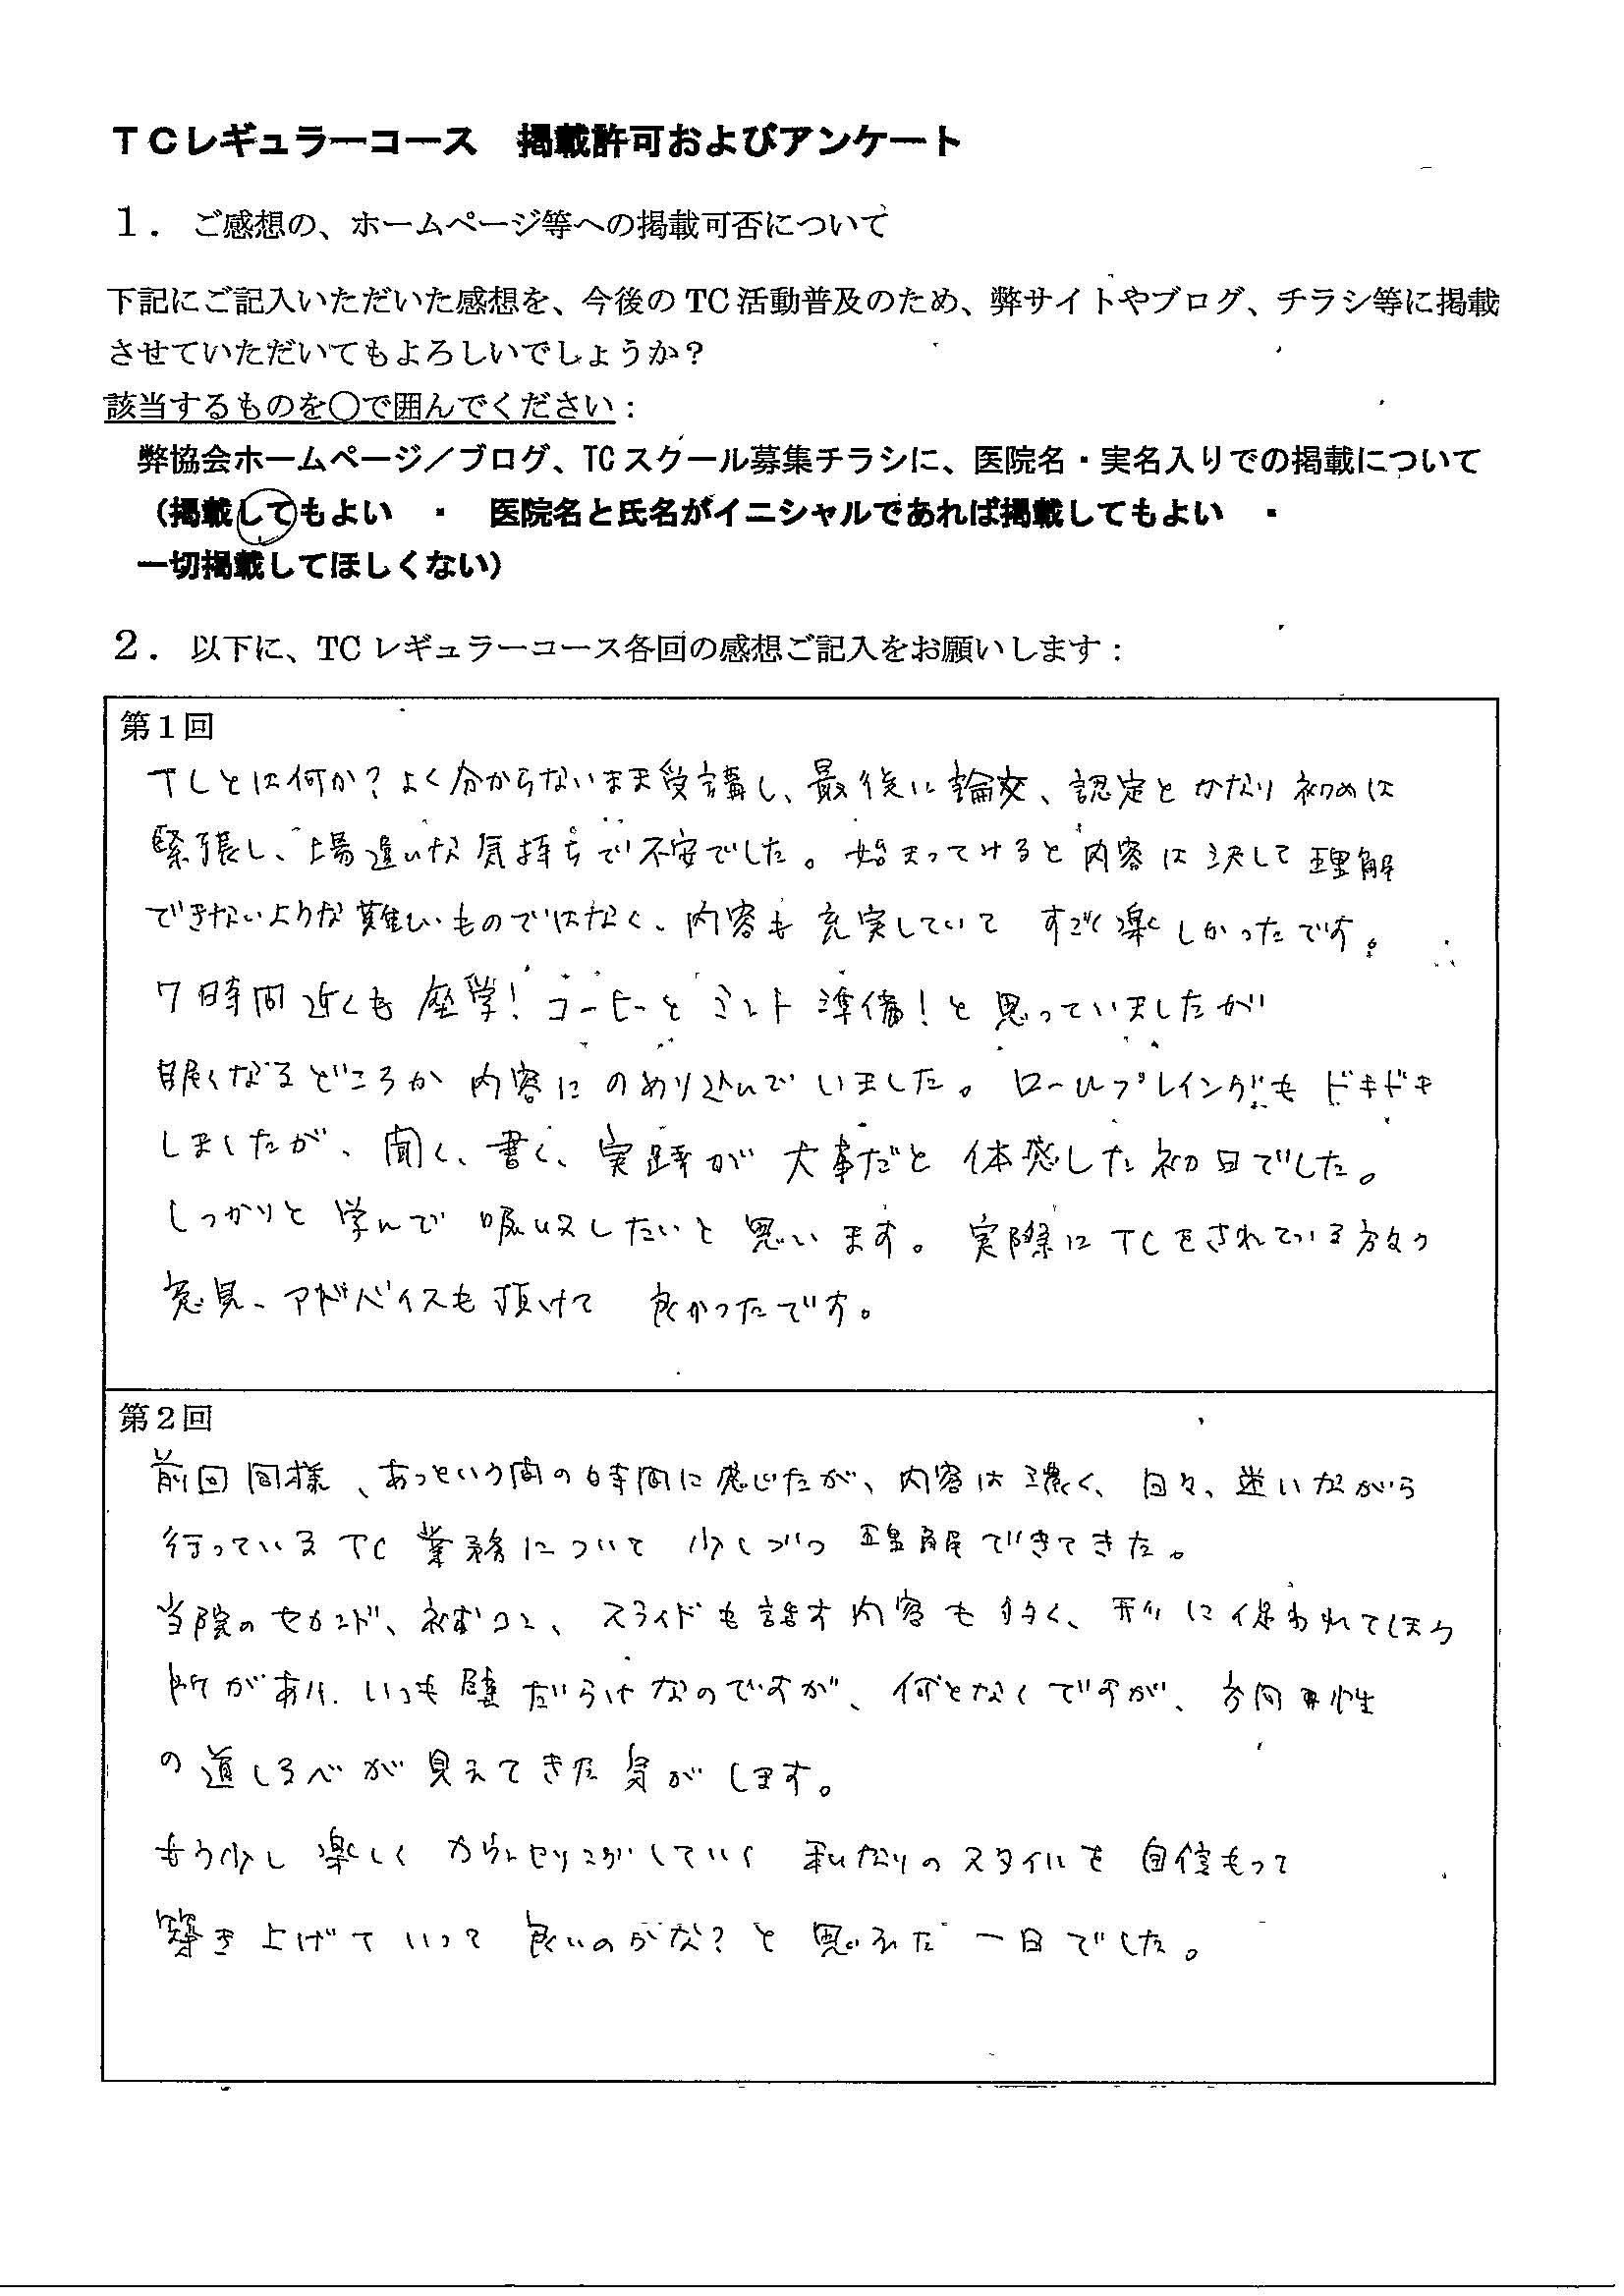 髙田 敦子様アンケート